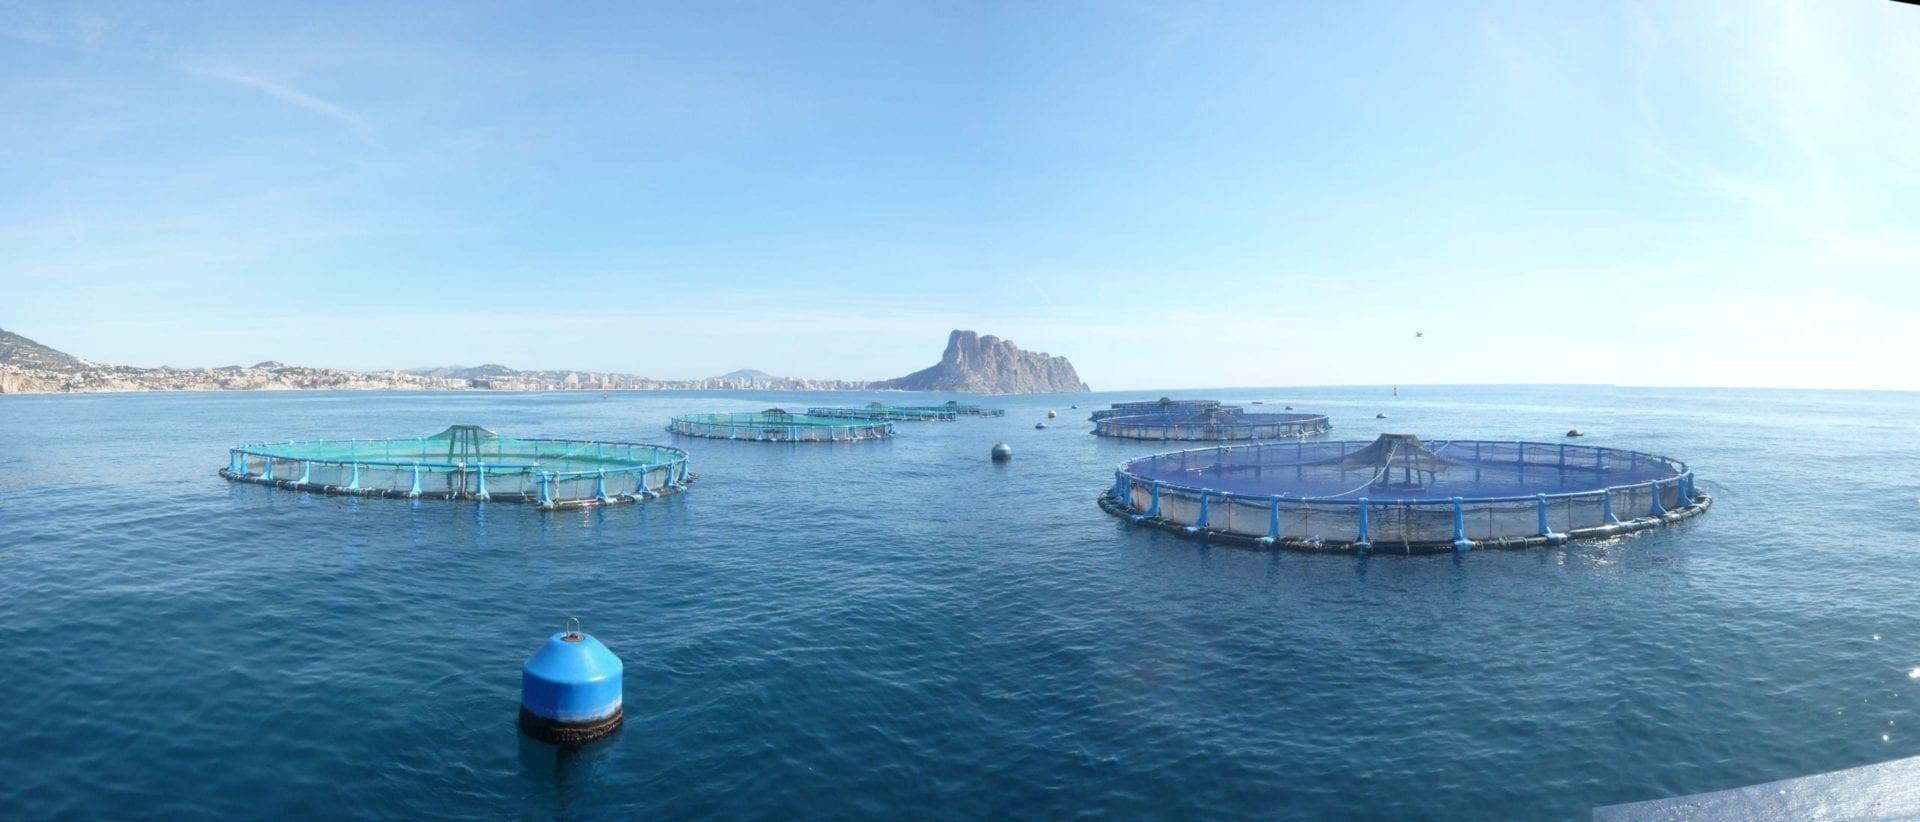 Viveros de acuicultura en el mar